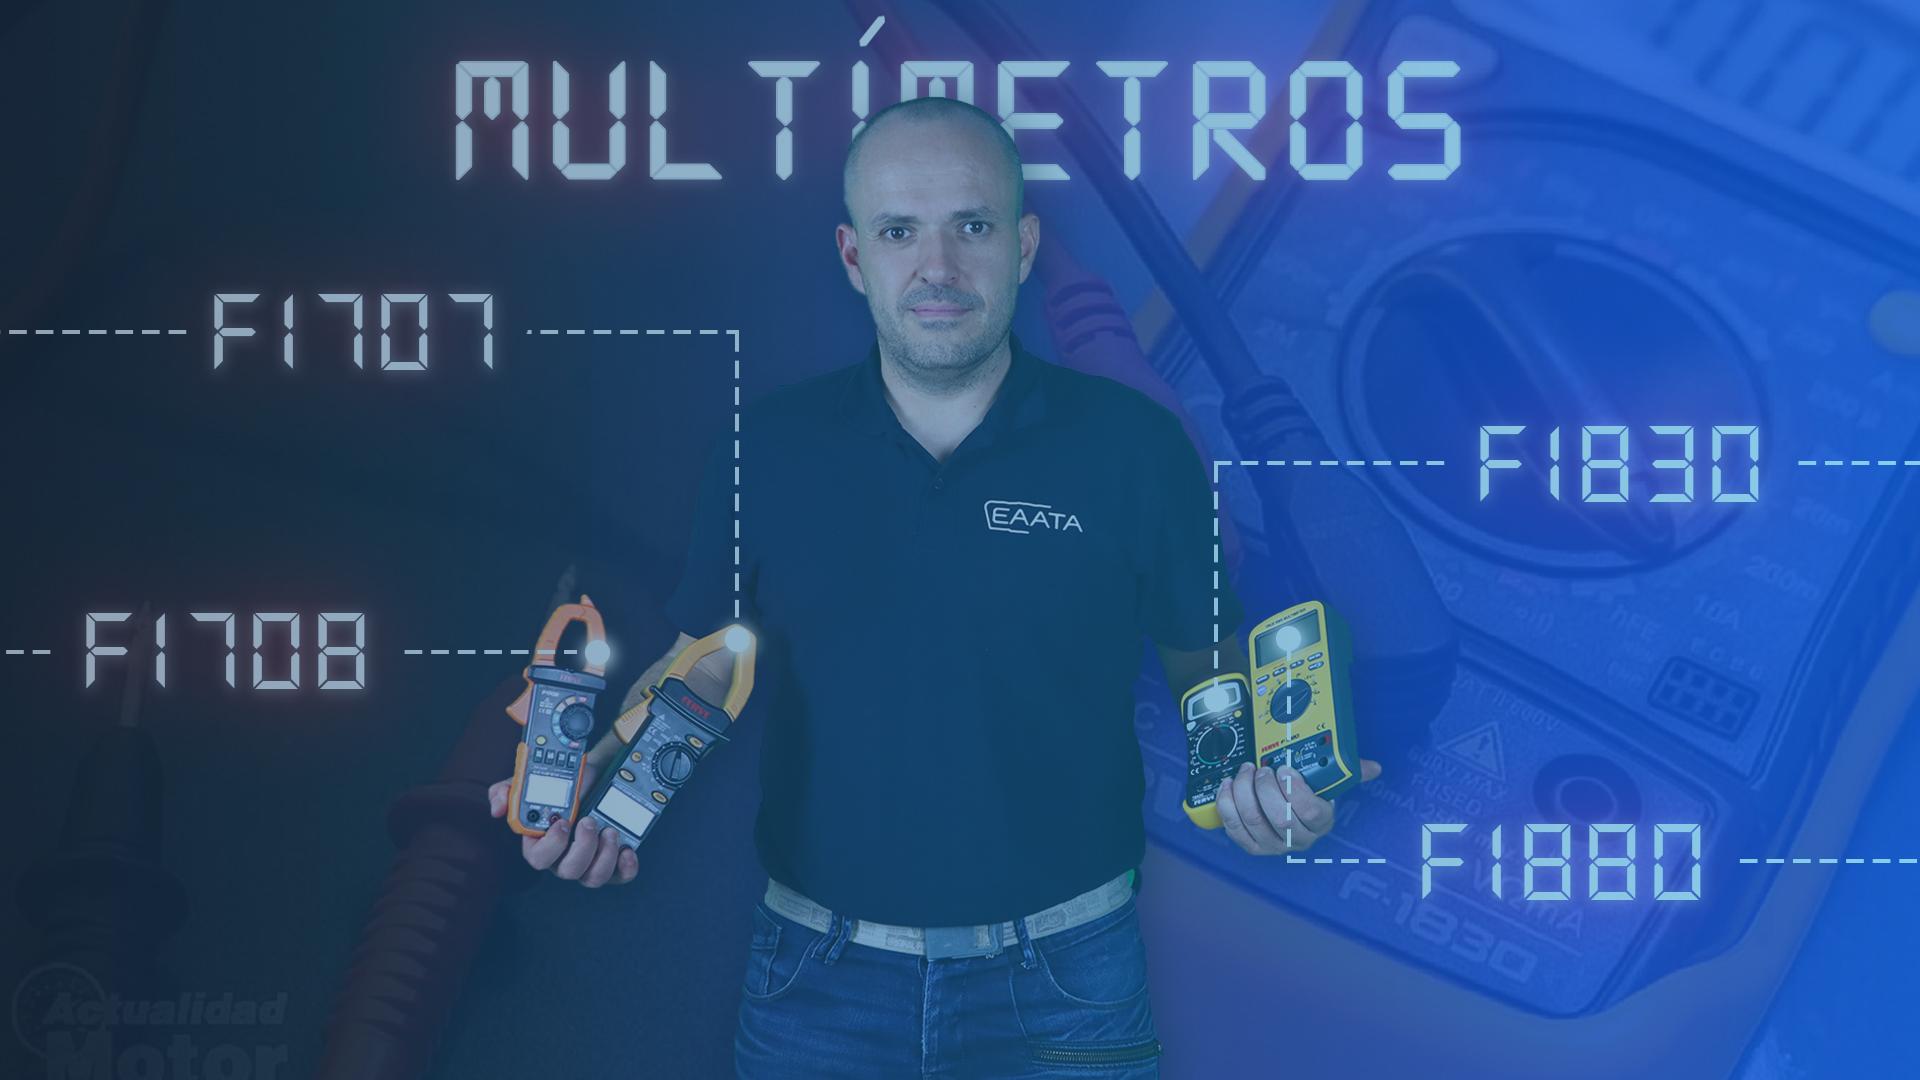 Multímetros course image